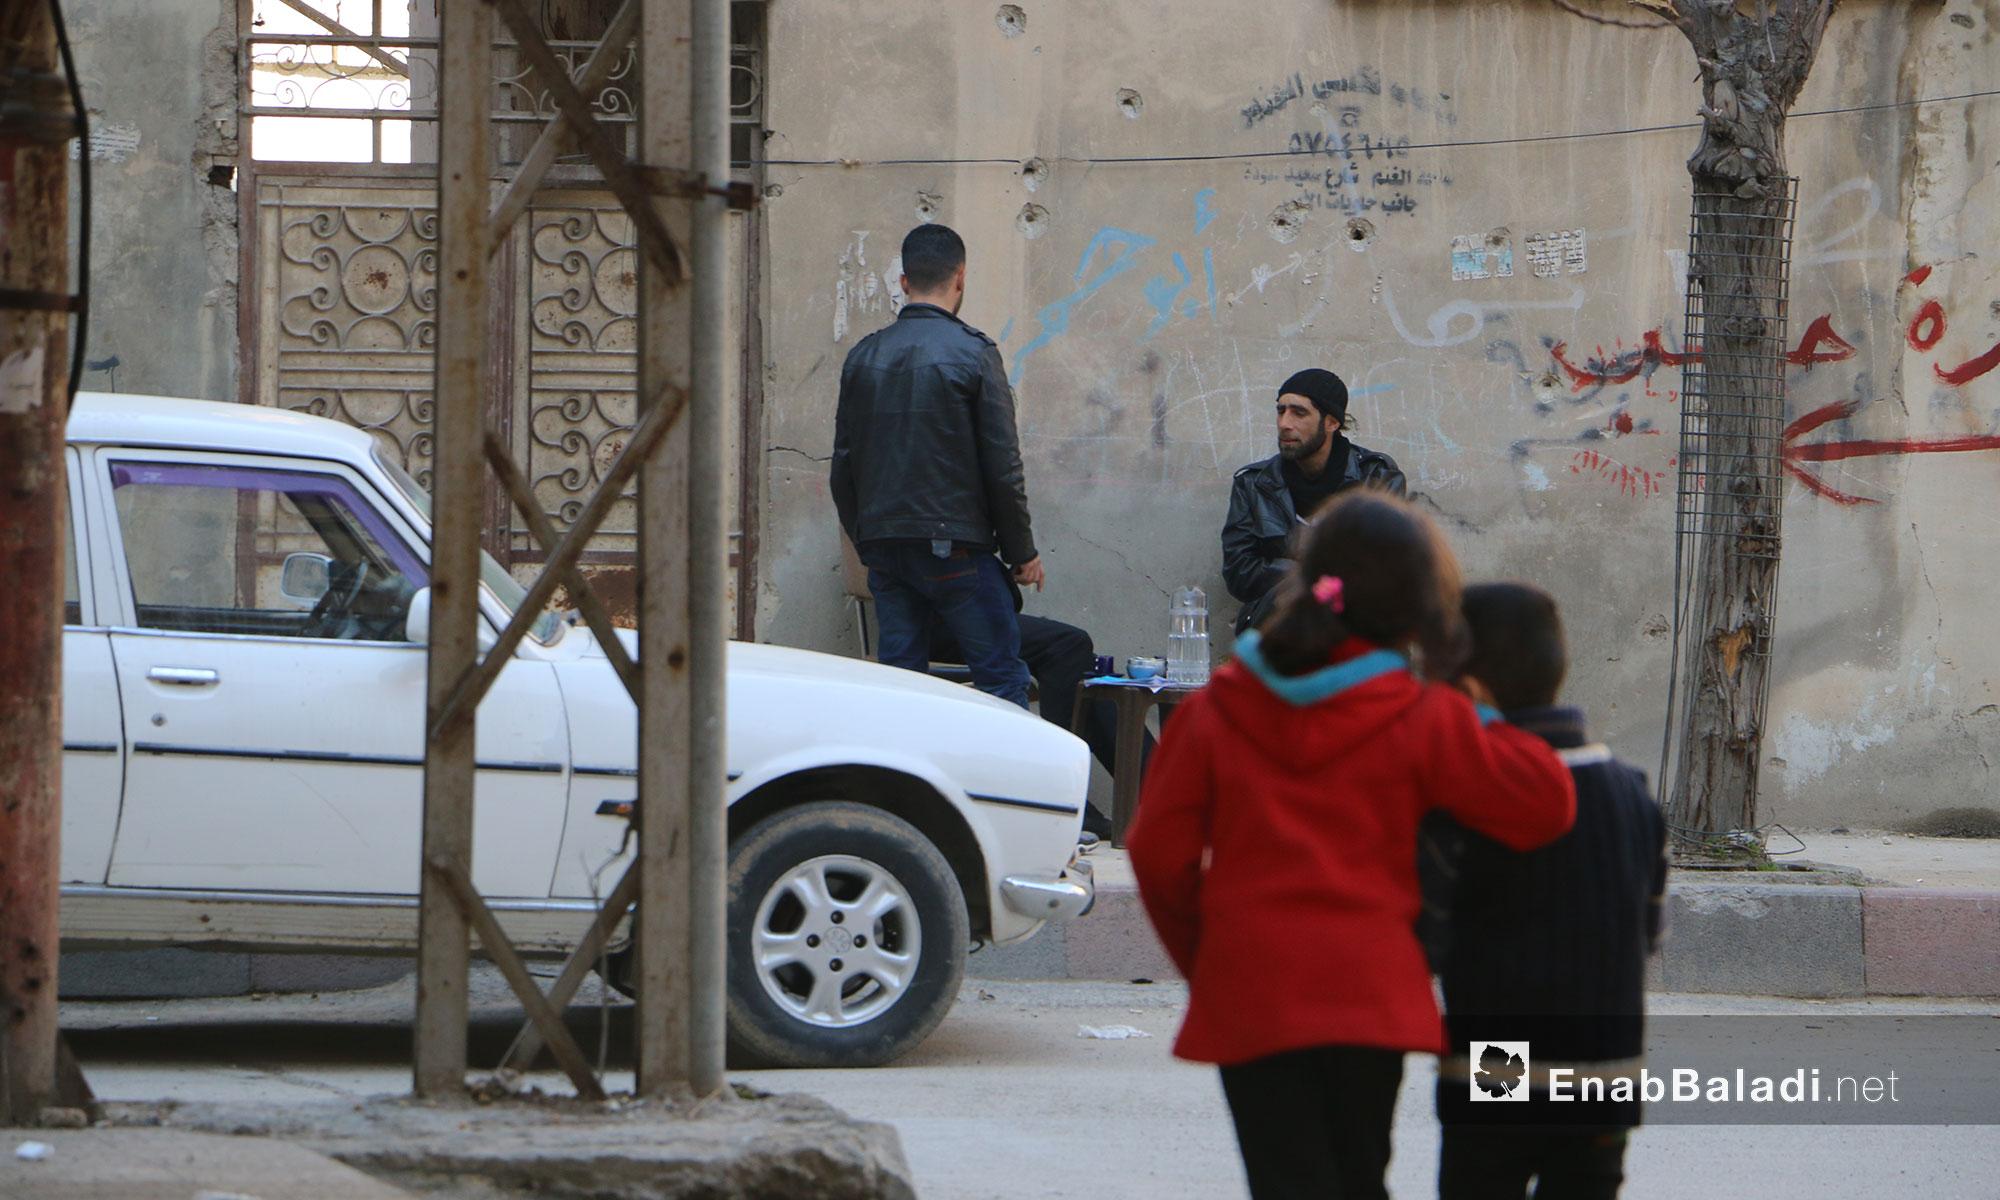 أهالي من الغوطة الشرقية في صباح يوم مشمس - 17 شباط 2017 (عنب بلدي)